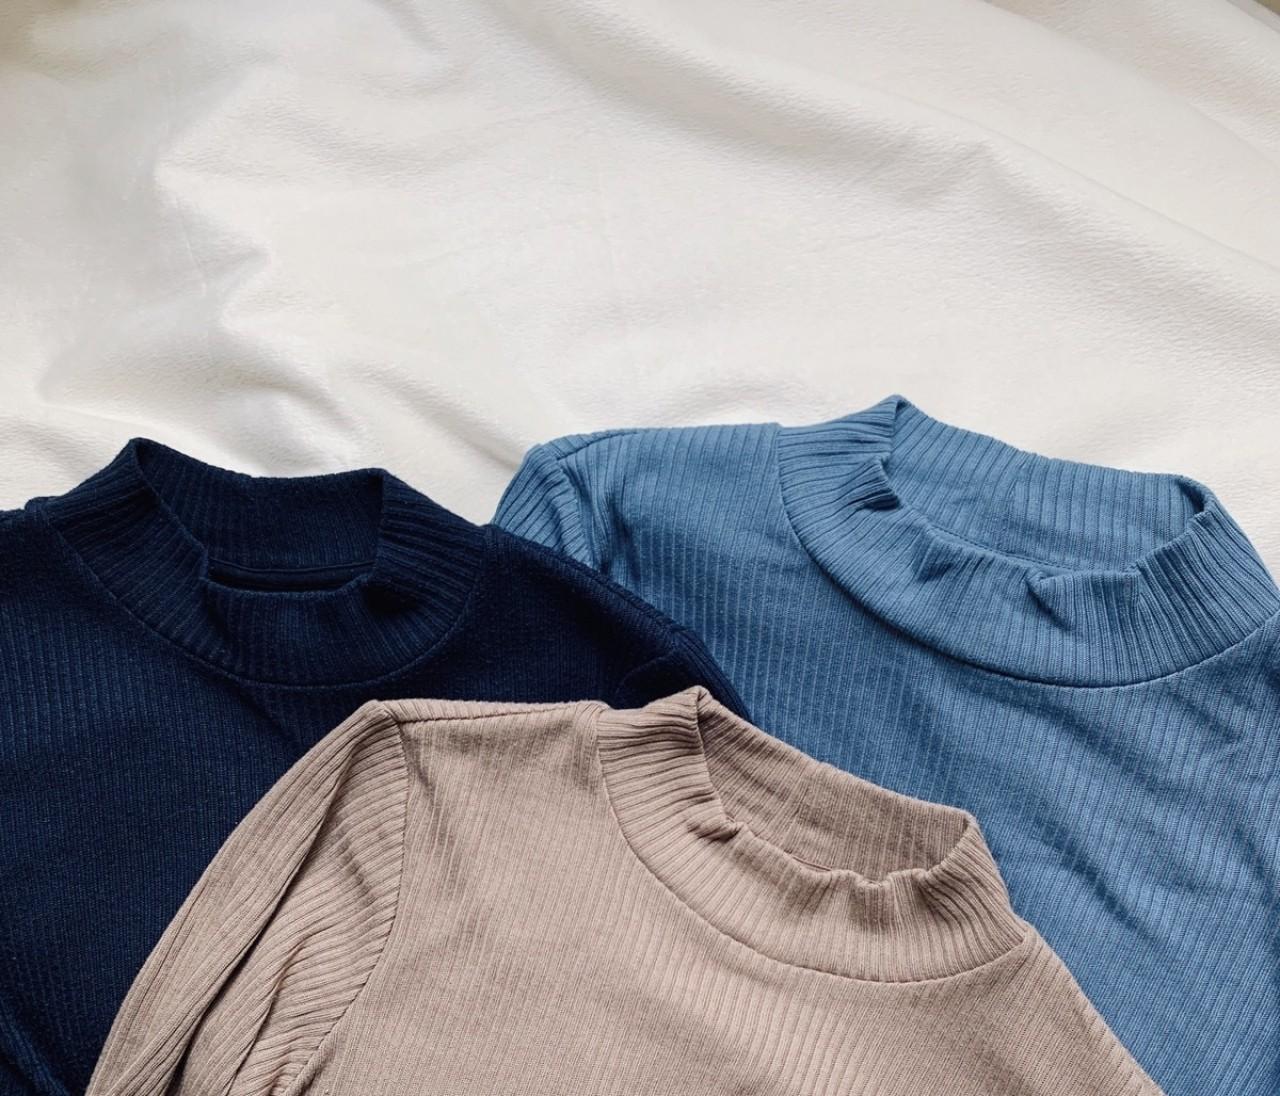 【UNIQLO】リブハイネックTの色別着まわしコーデ